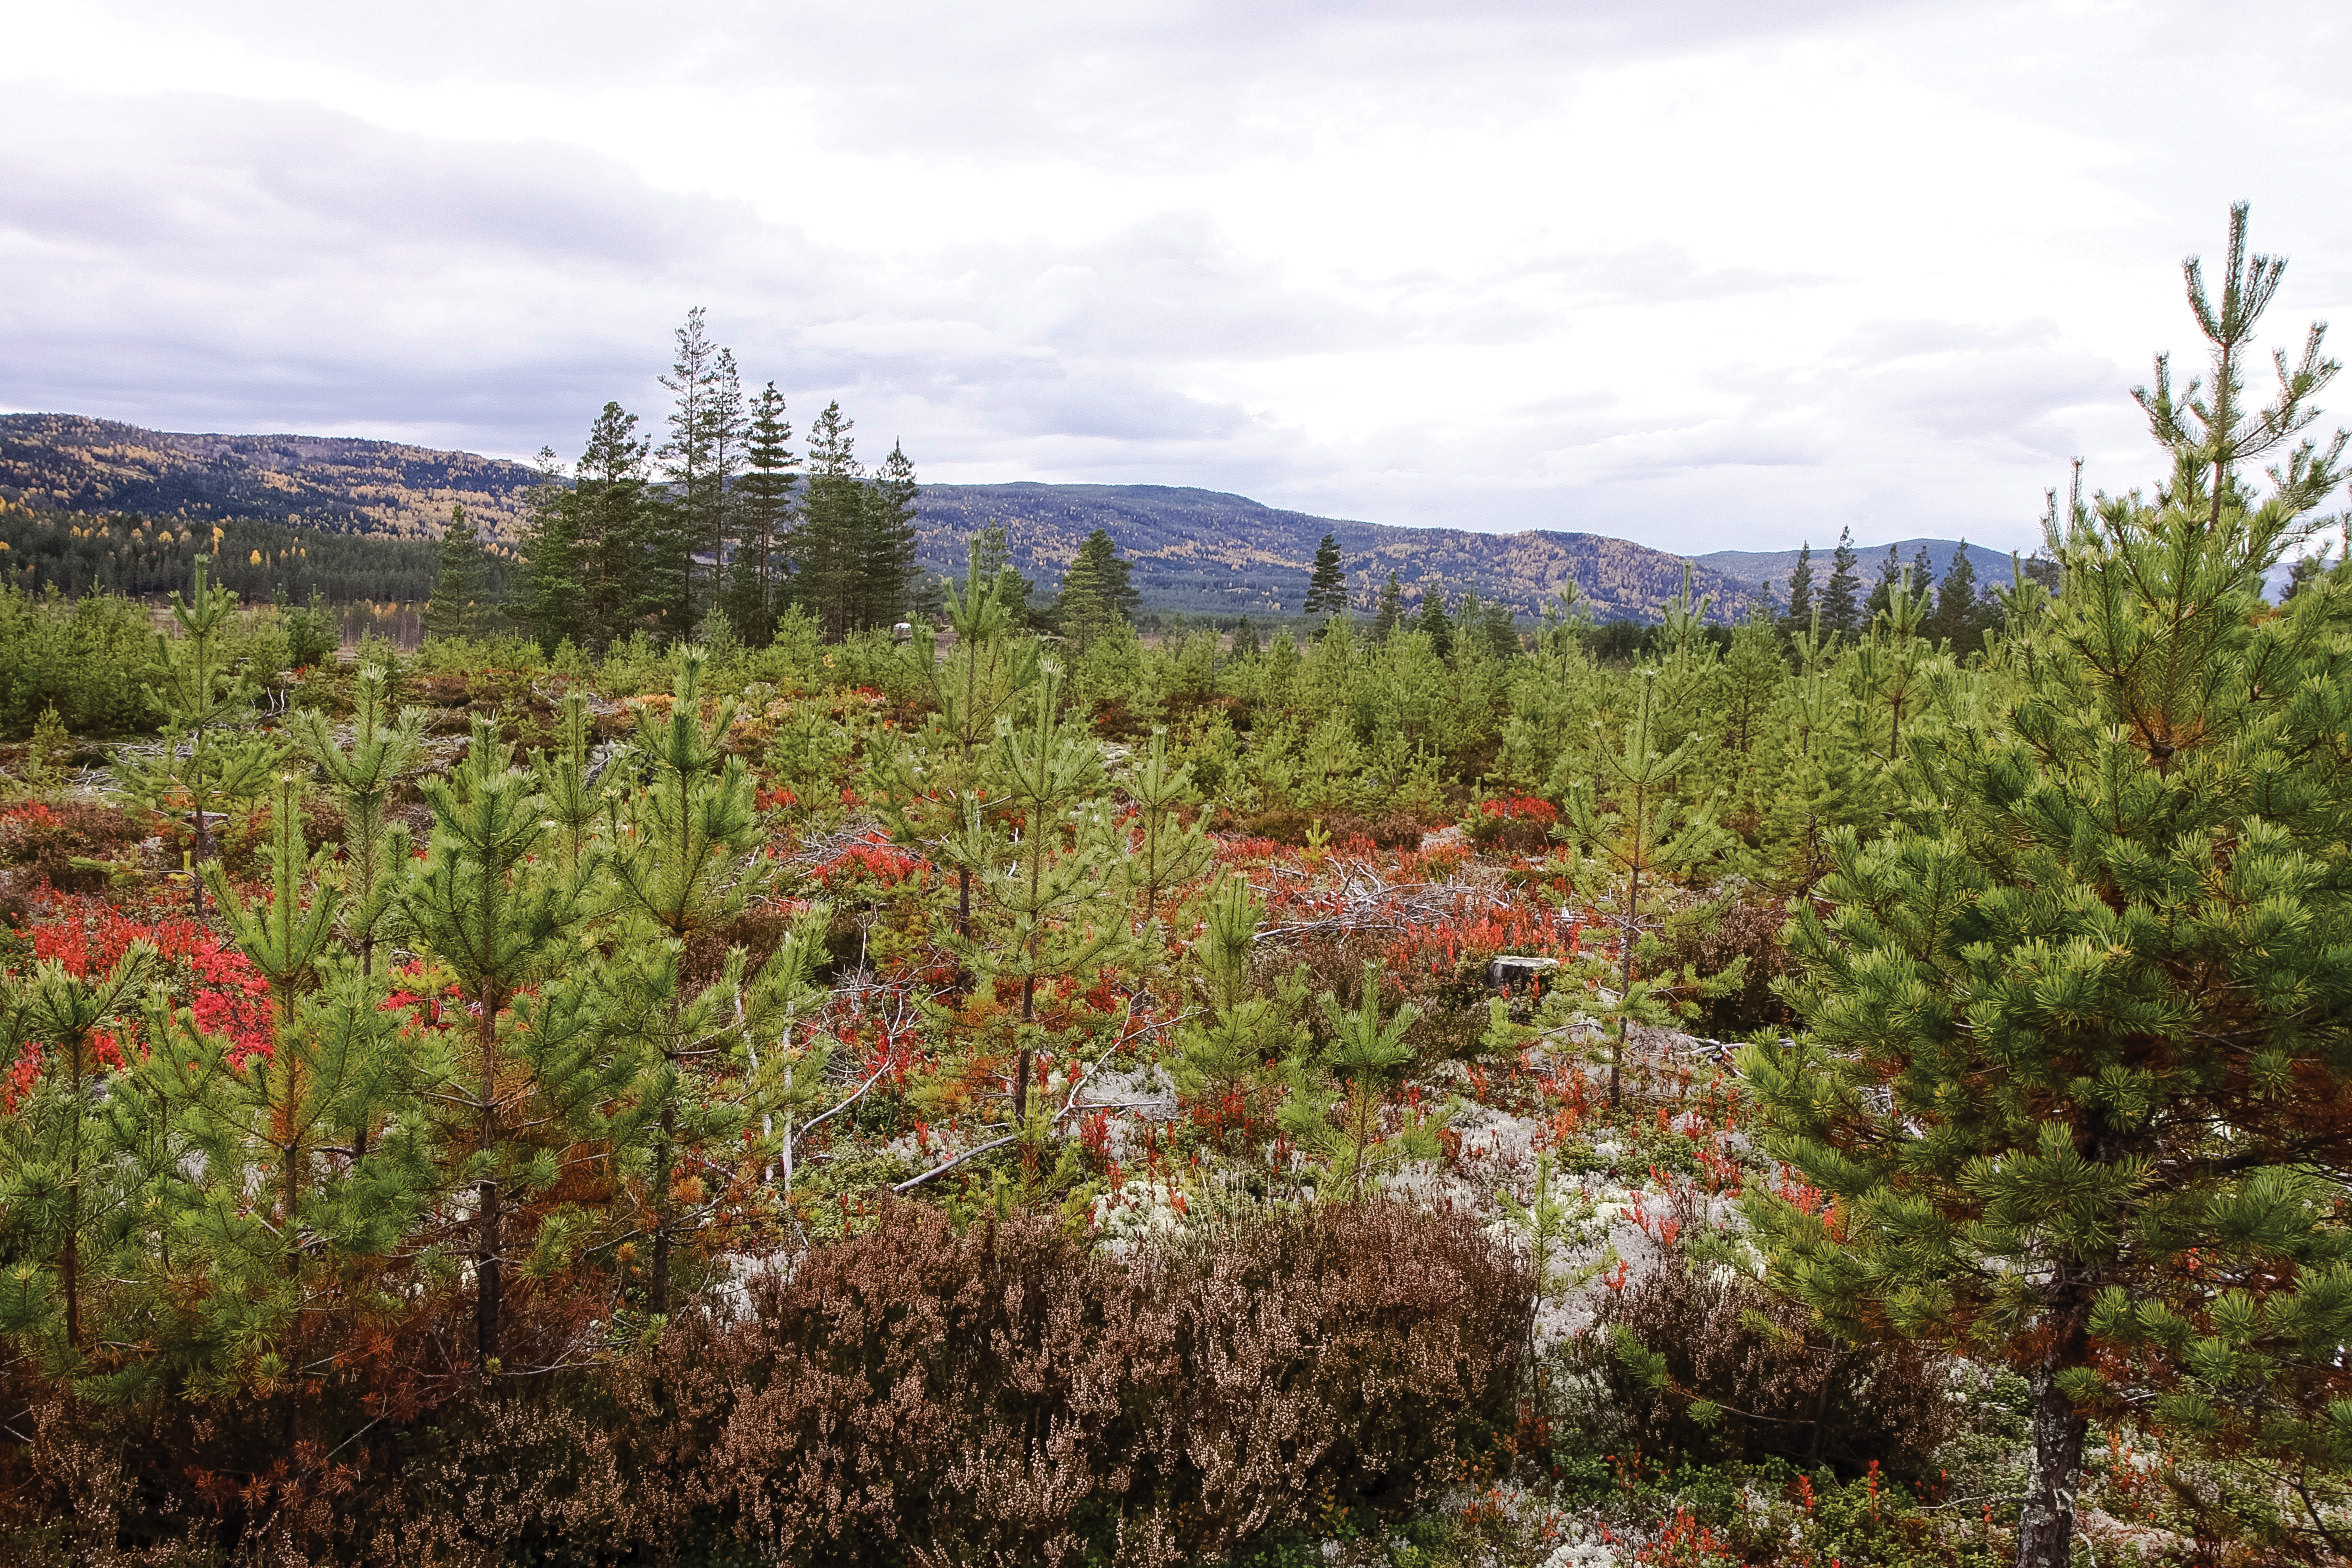 Tilfredsstillende foryngelse etter hogst er en nødvendig del av et langsiktig og bærekraftig skogbruk. Foto: John Yngvar Larsson, NIBIO